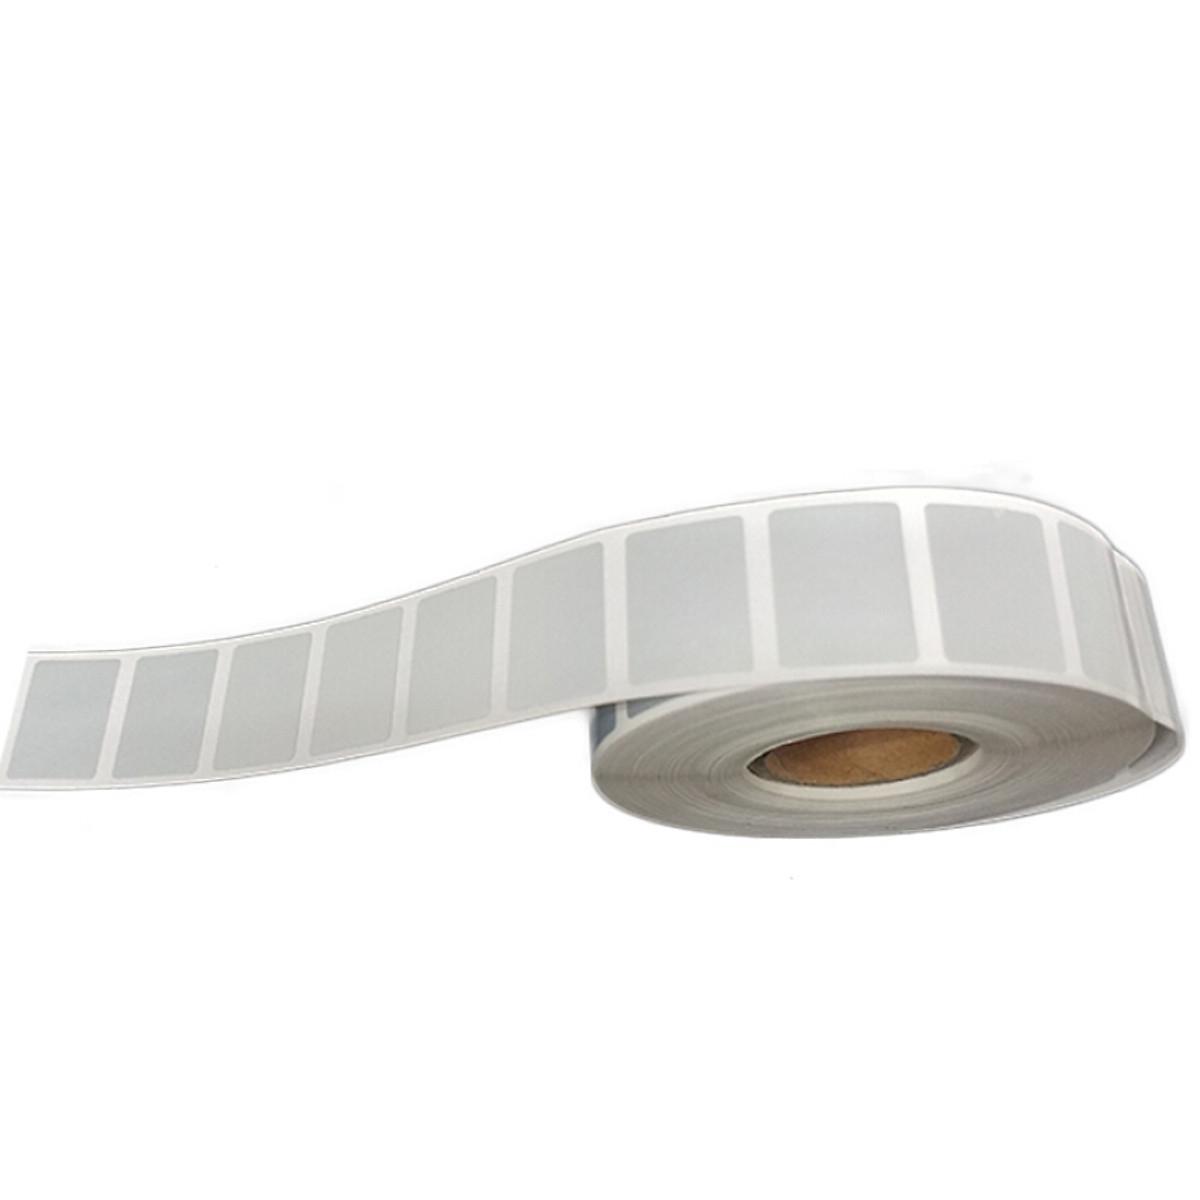 Giấy In Mã Vạch KAIYANG PM-20-S-04 20mmx15mm * 1500 Miếng